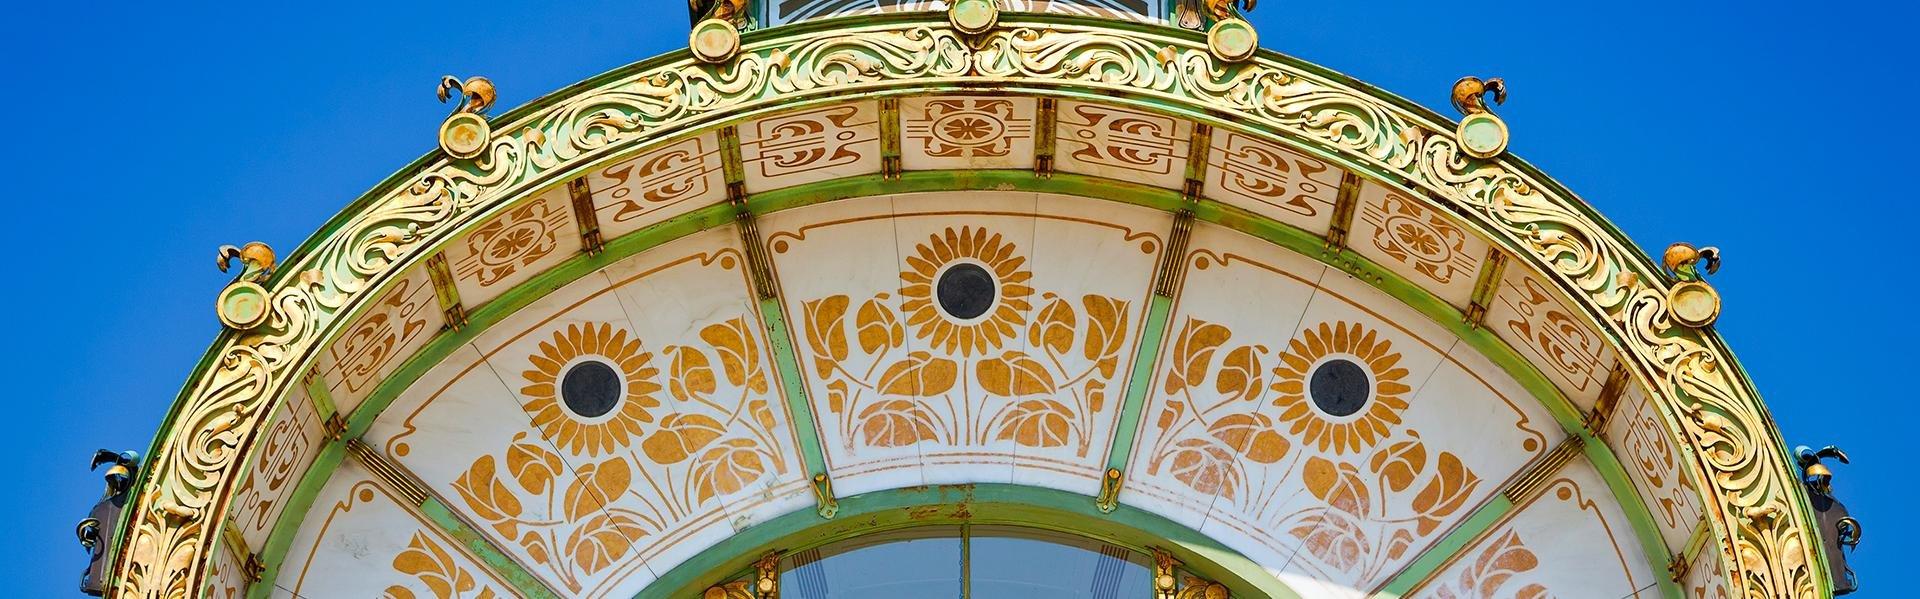 Paviljoen van Otto Wagner op het Karlsplatz in Wenen, Oostenrijk